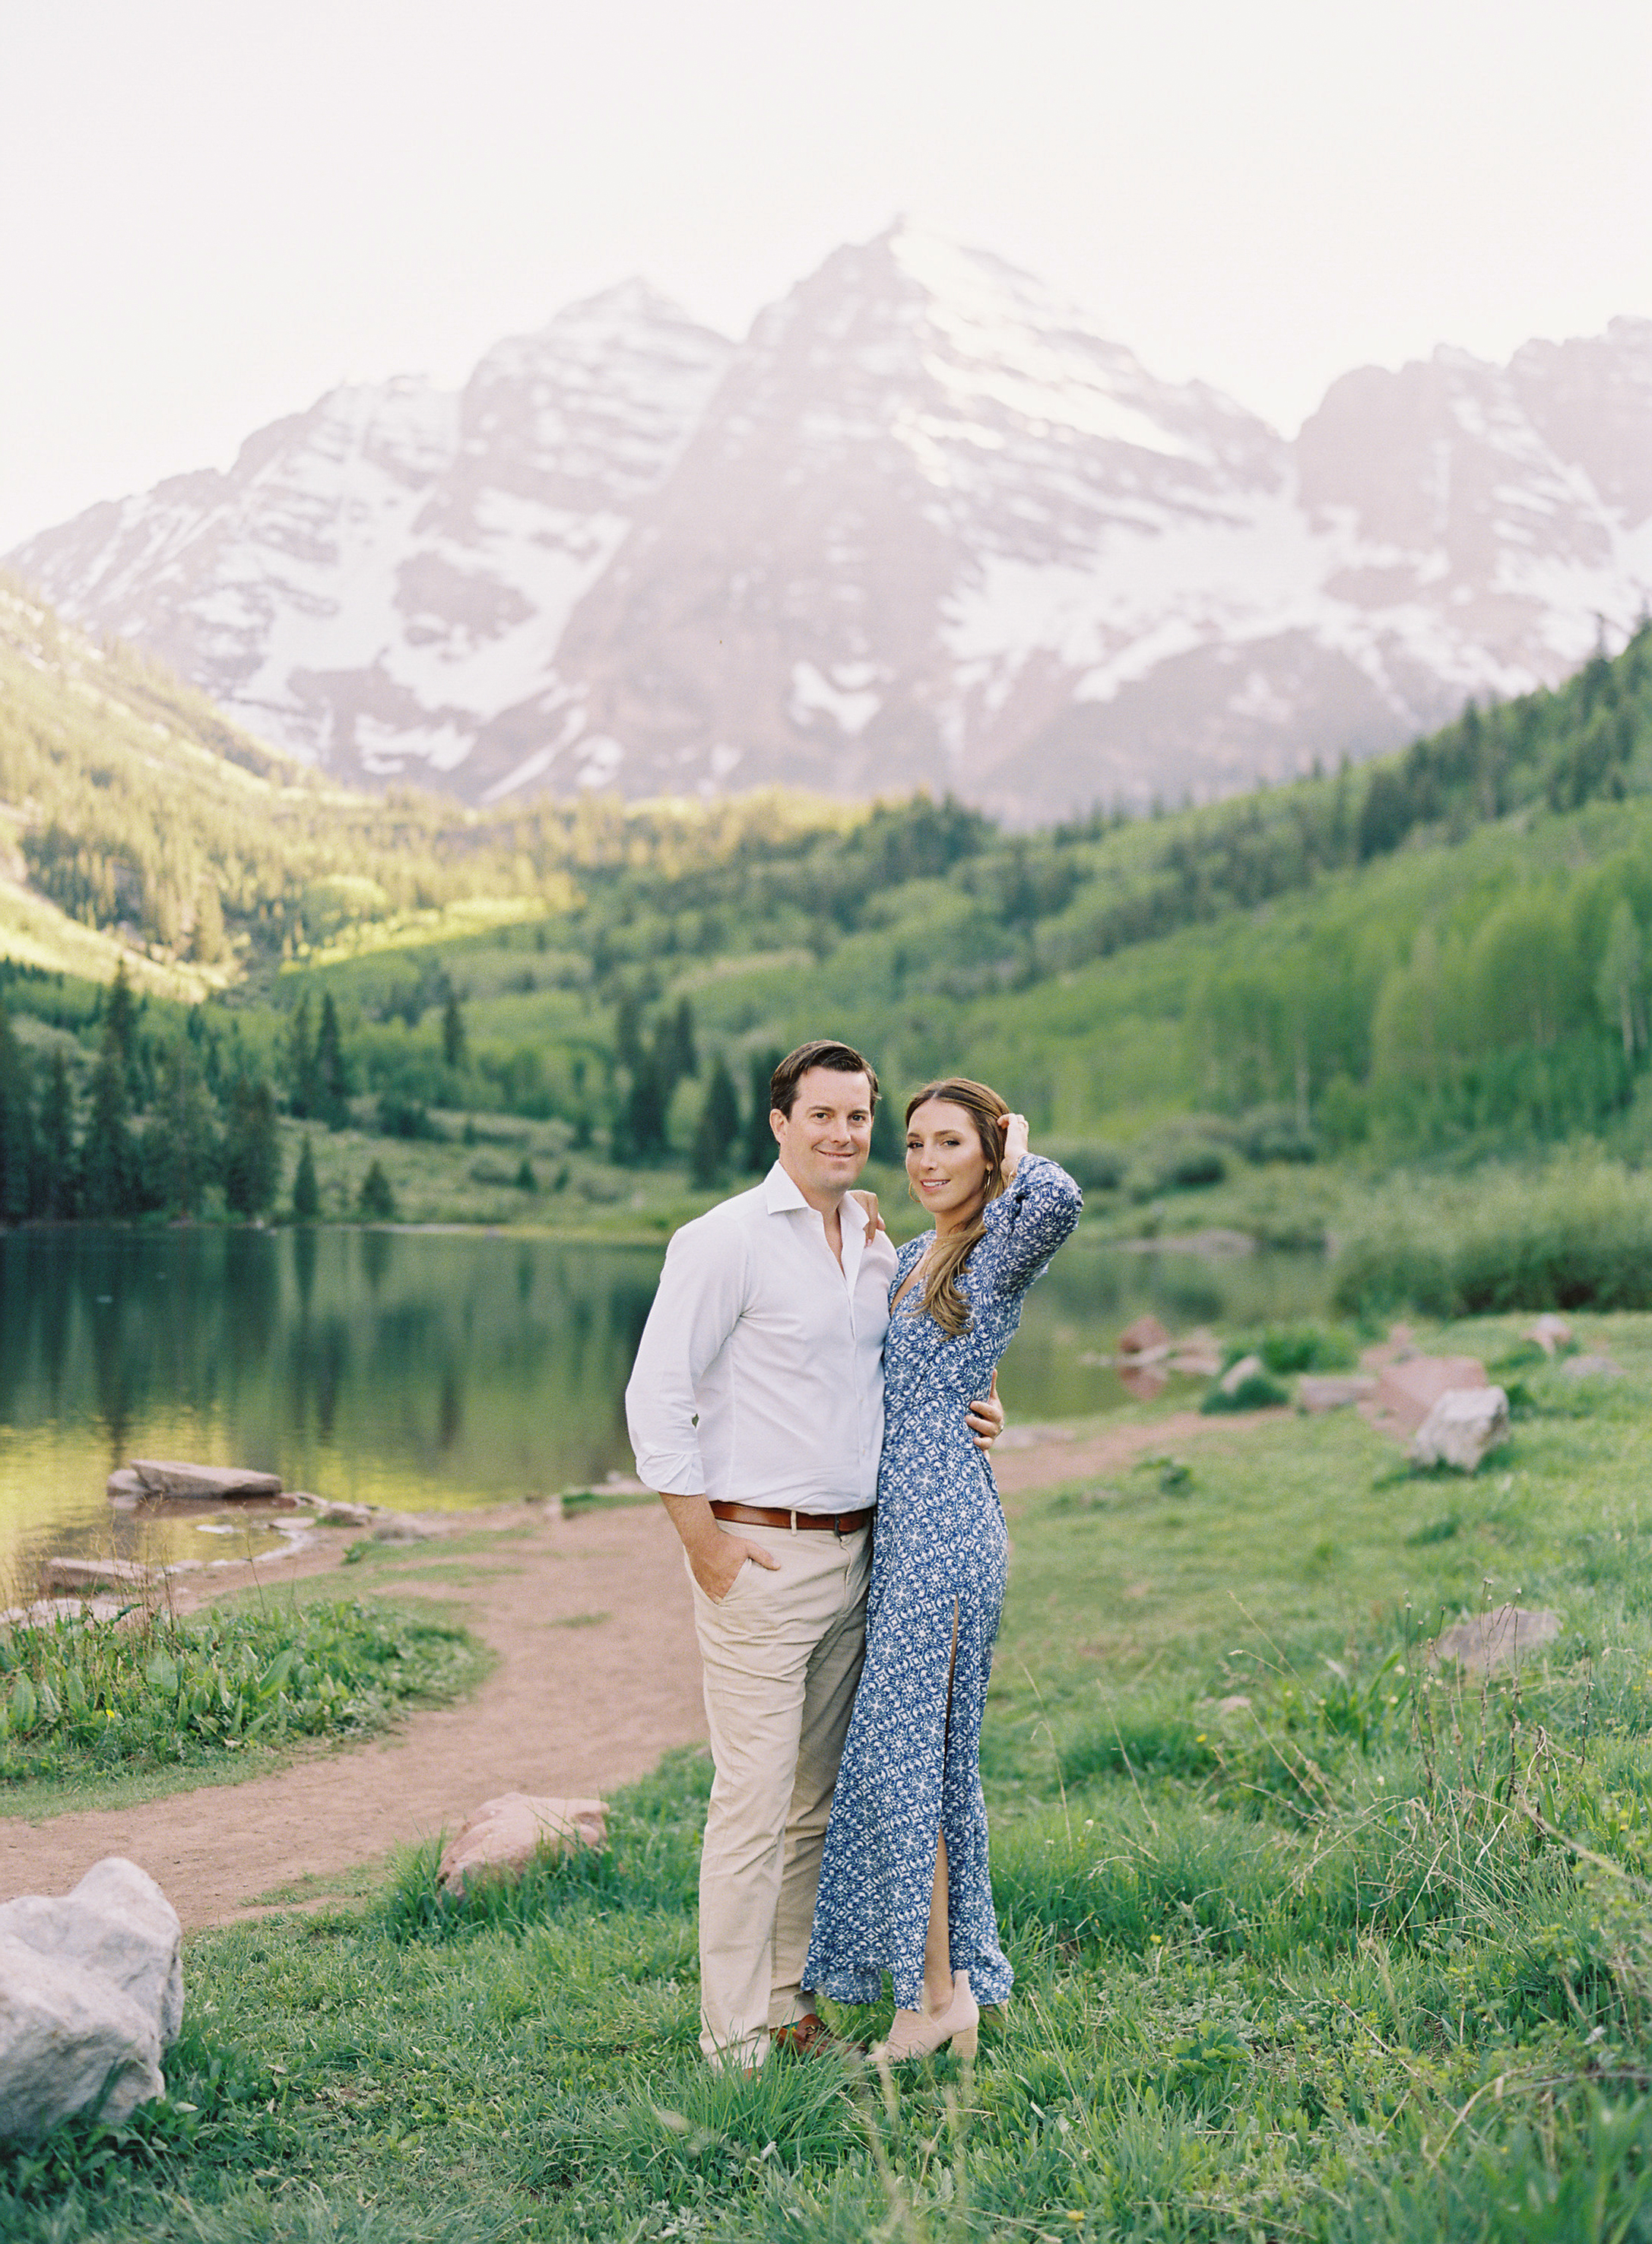 Amy and Matt-engagement-Carrie King Photographer-44.jpg